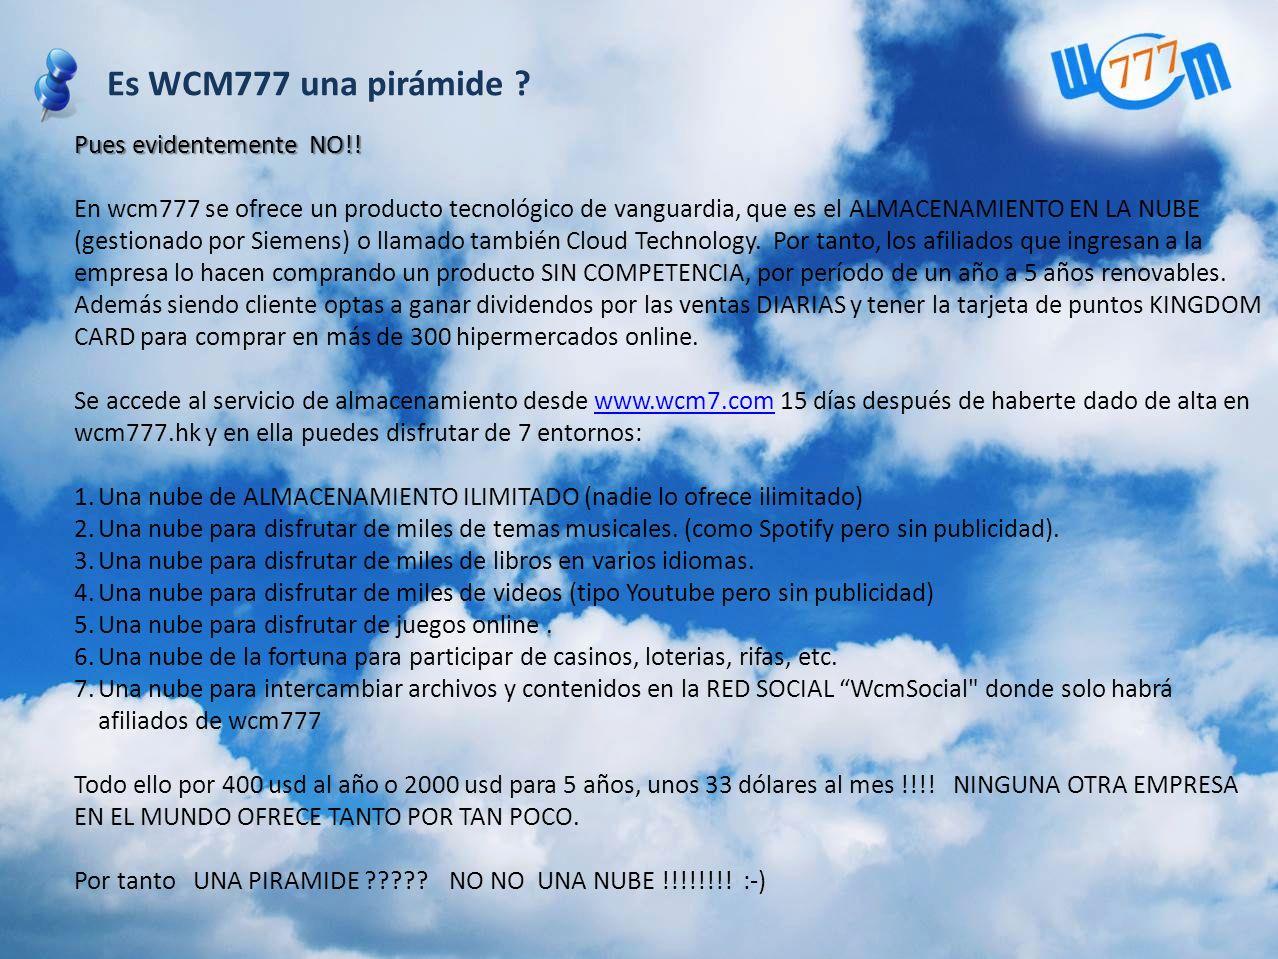 Es WCM777 una pirámide Pues evidentemente NO!!